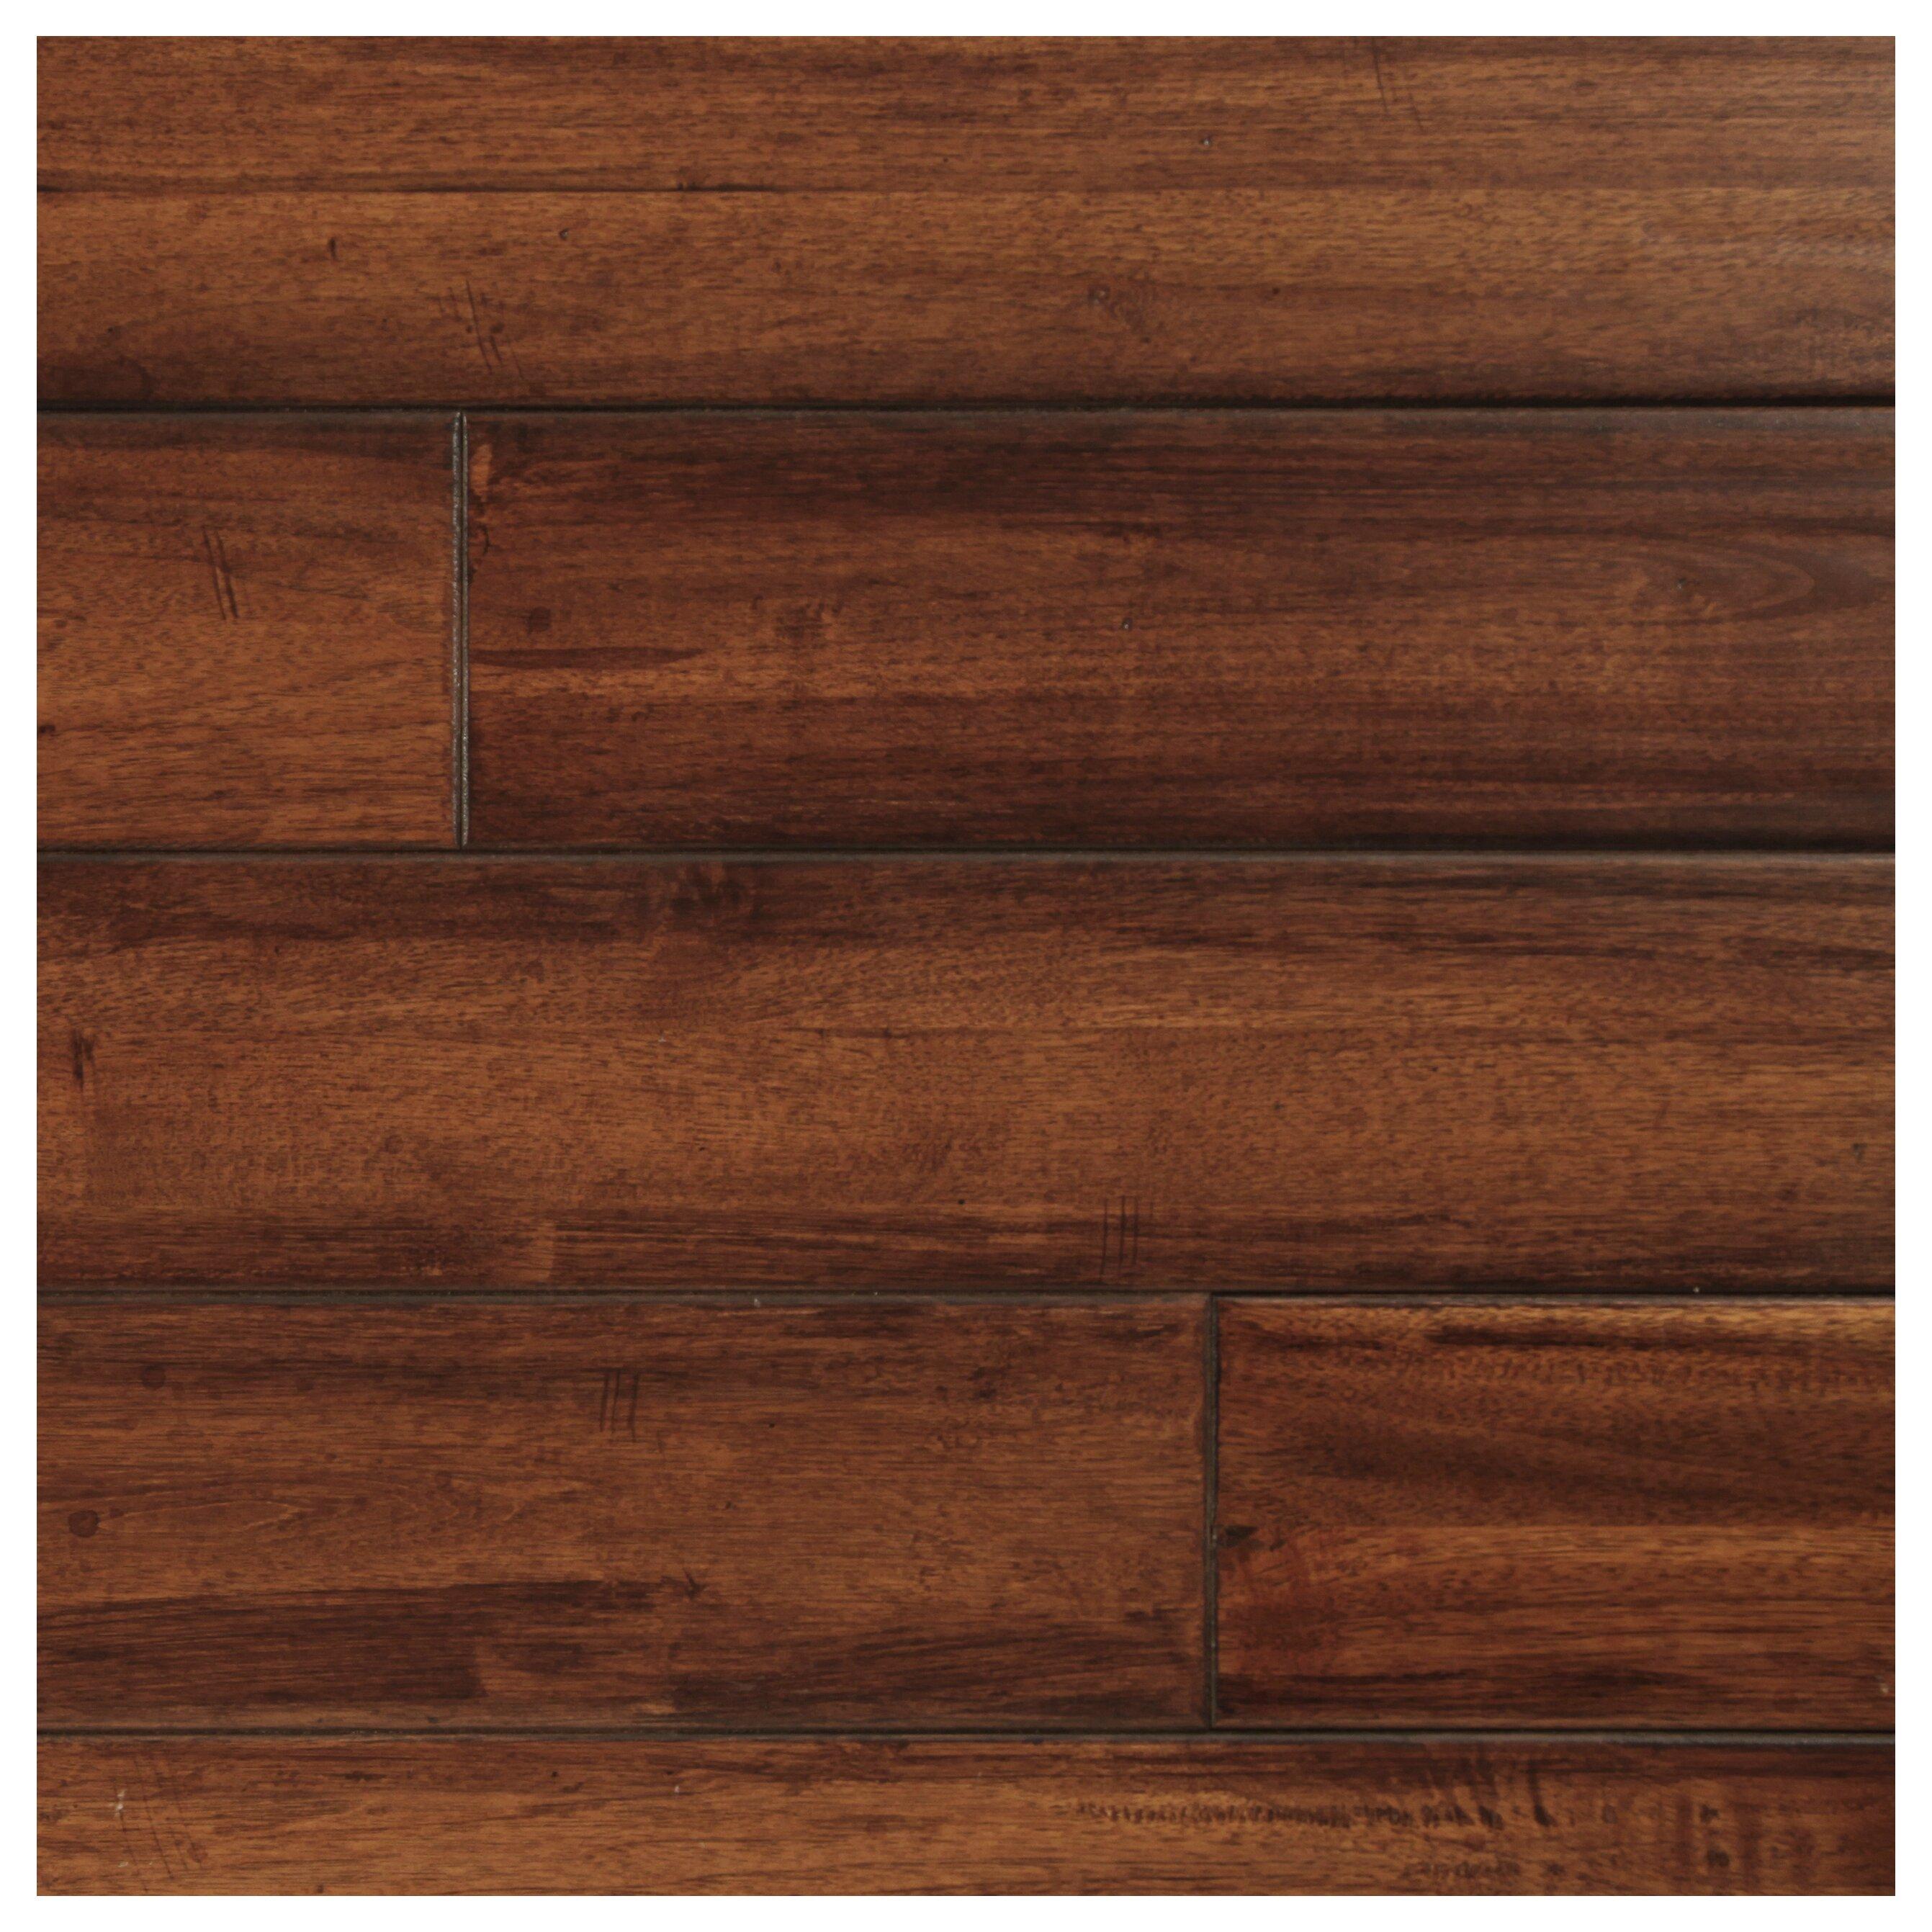 Easoon Usa 5 Engineered Manchurian Walnut Hardwood